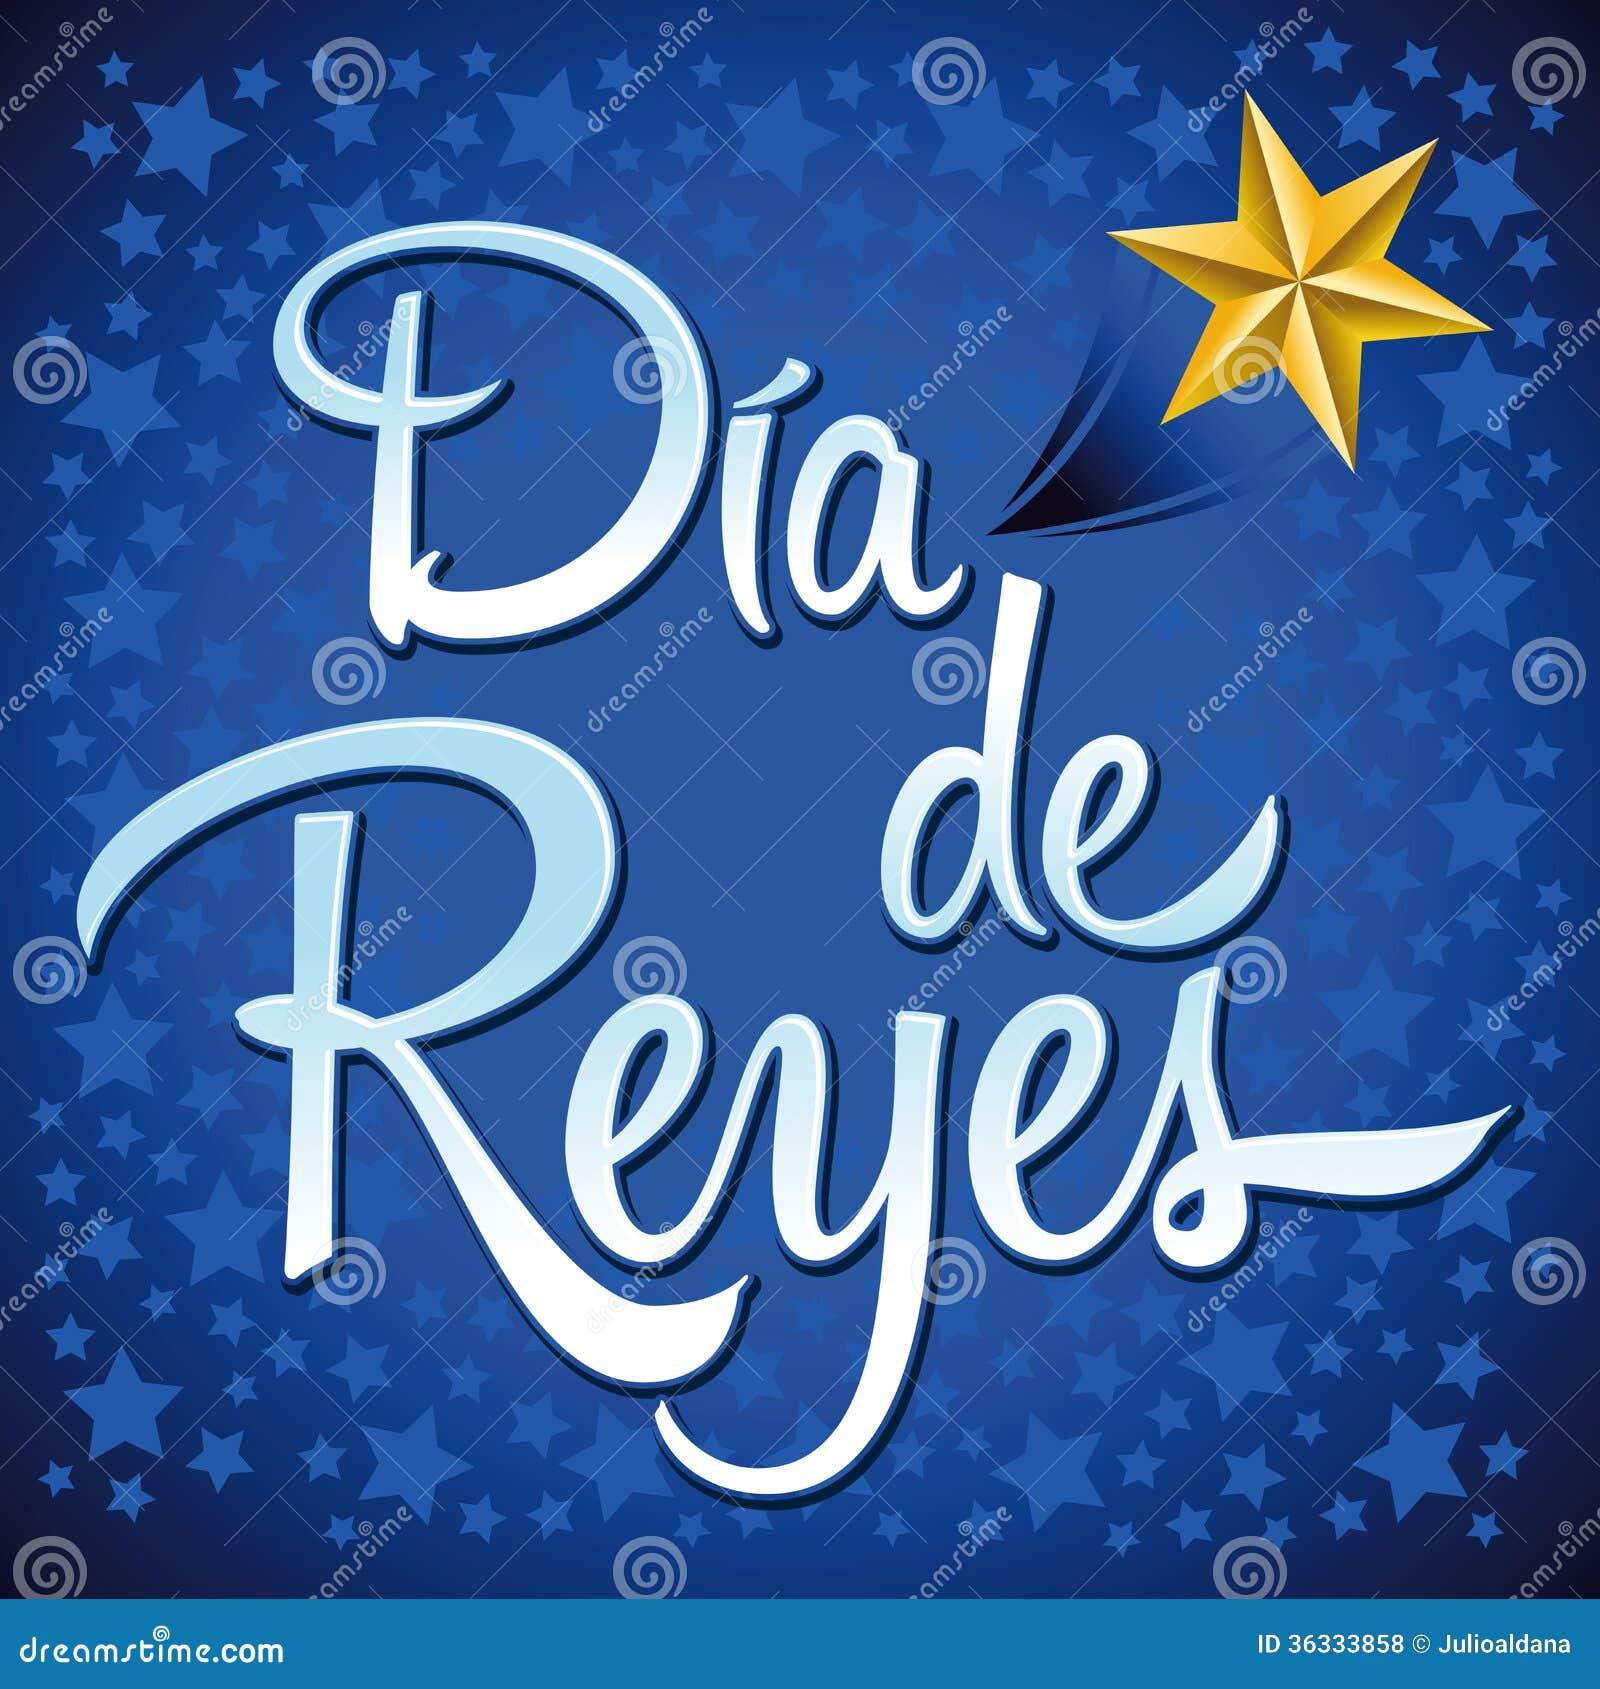 Feliz Dia De Reyes Fotos.Dia De Reyes Stock Vector Illustration Of Party